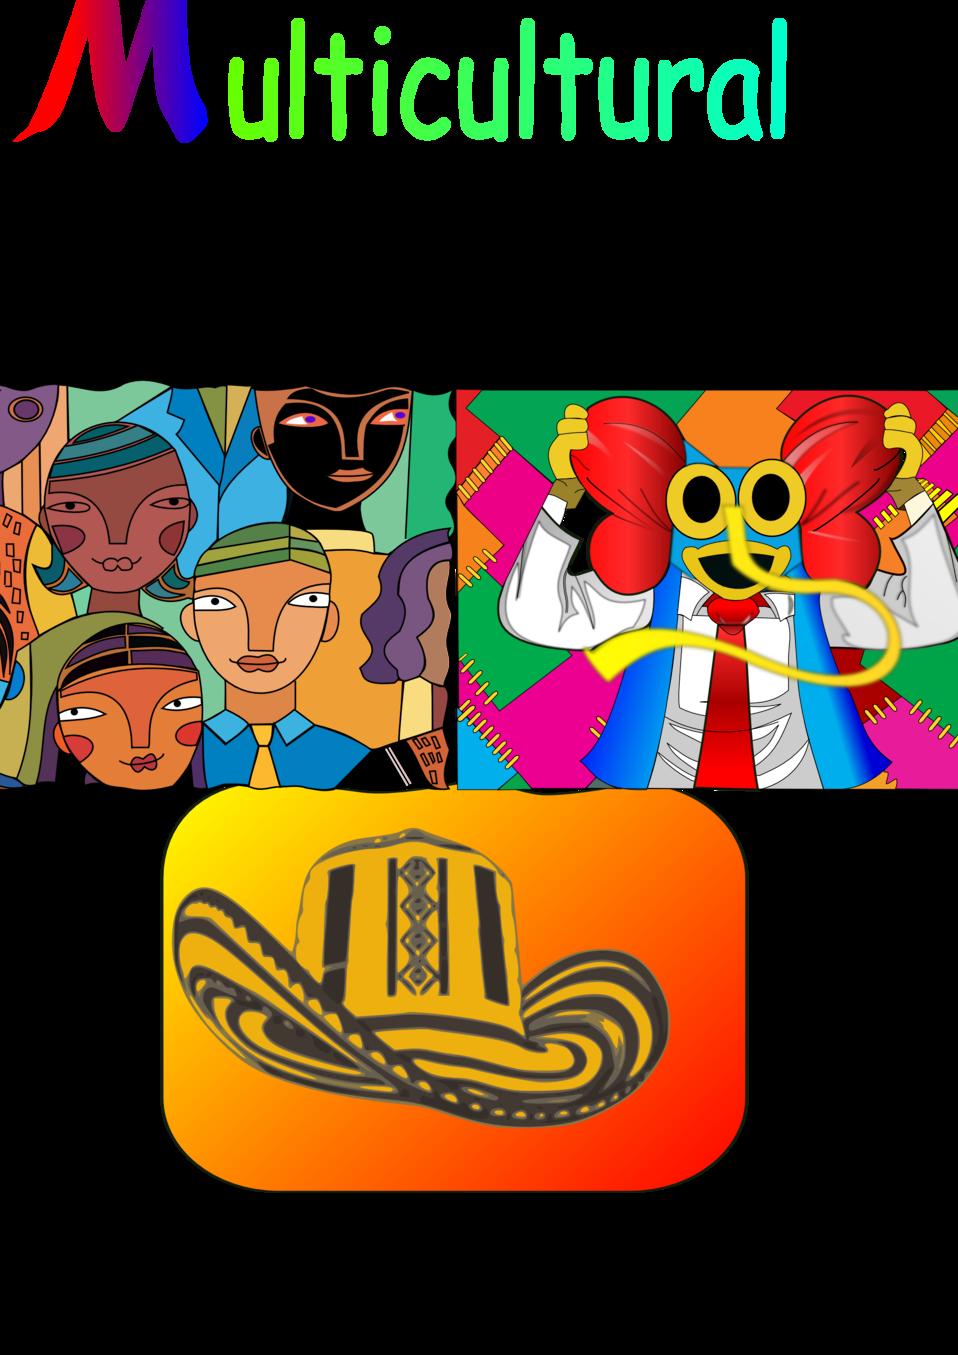 Multiculturas